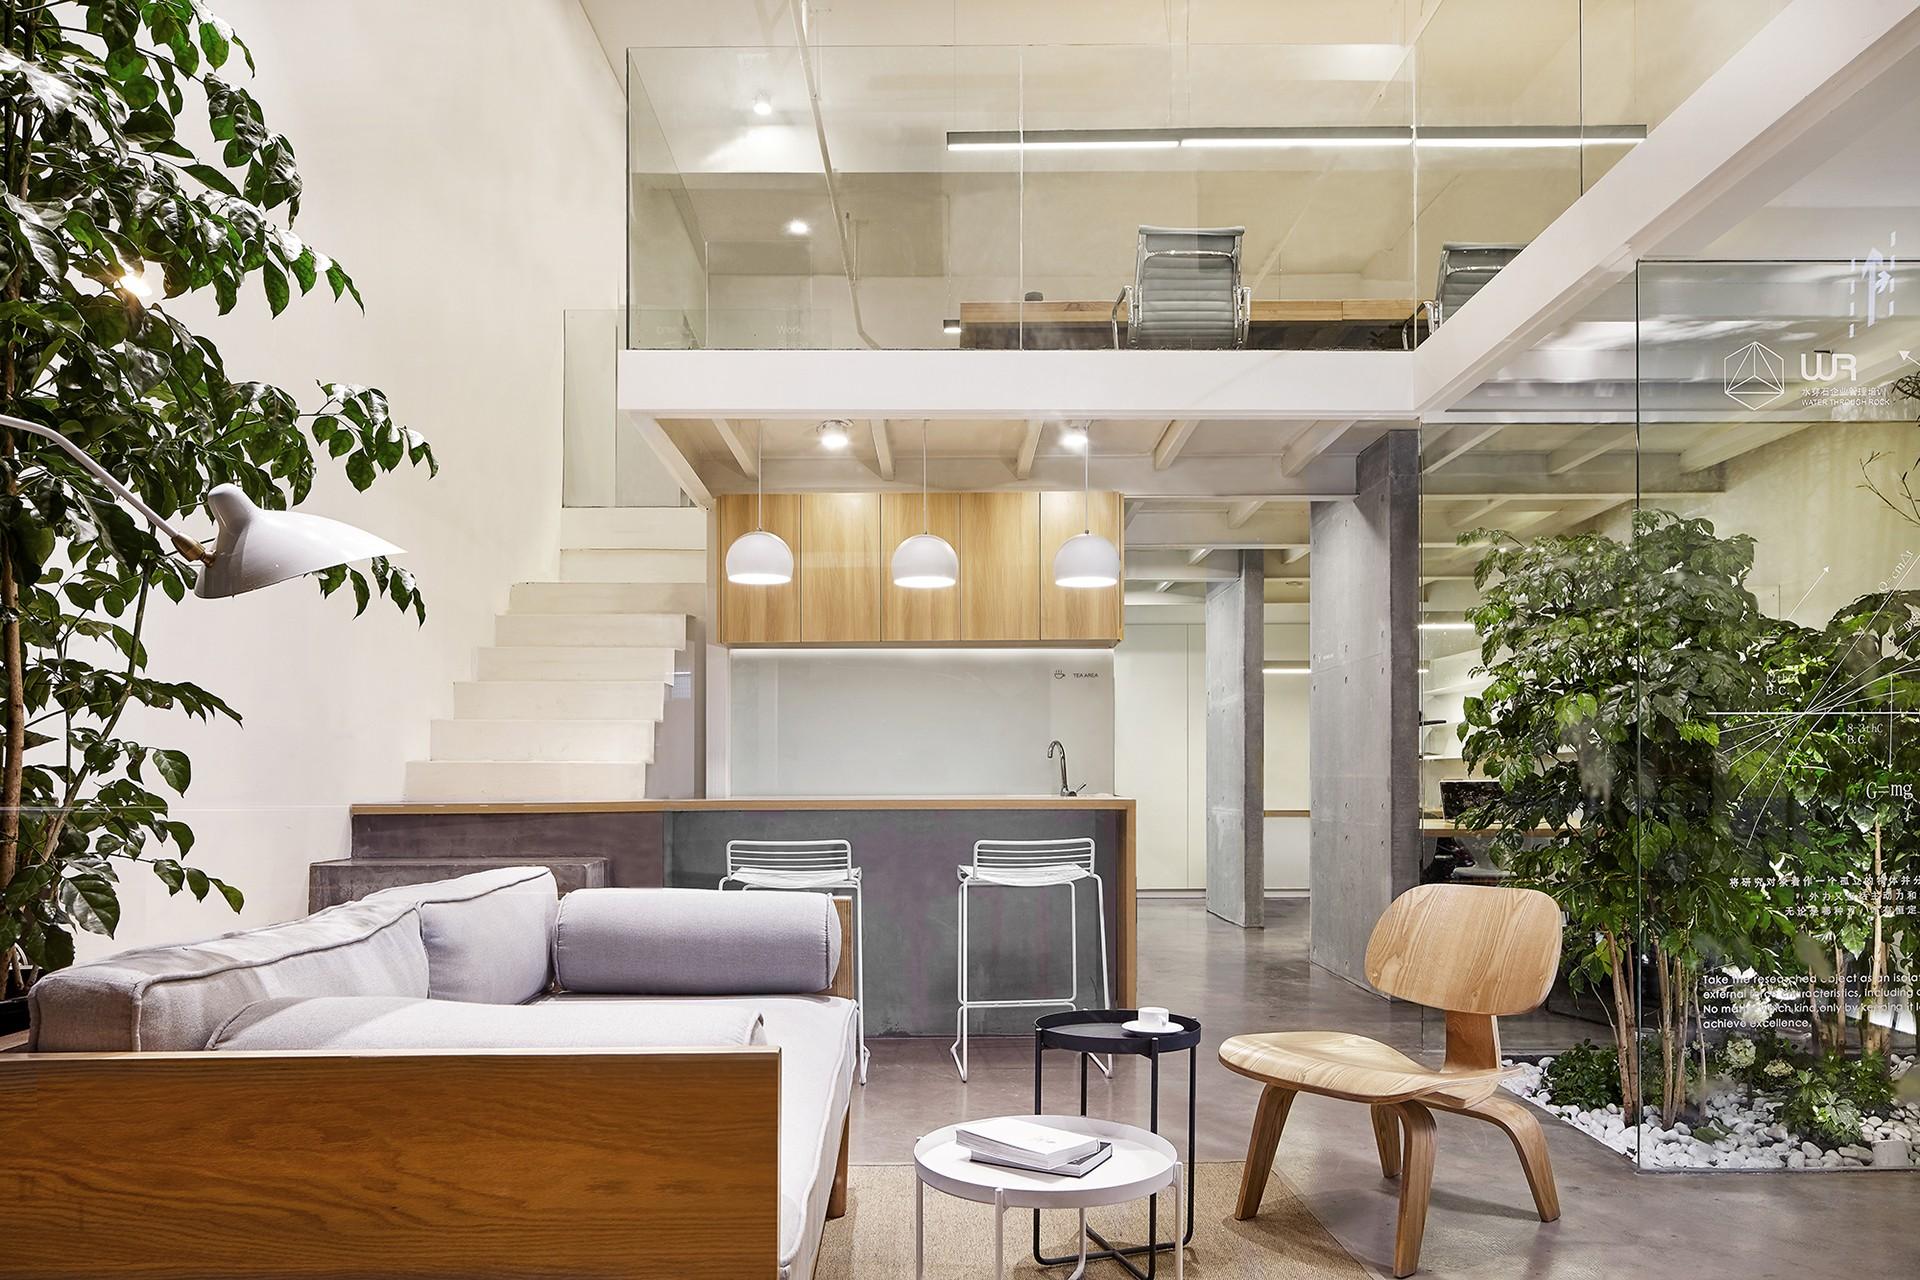 Ufficio In Poco Spazio : La poetica di un ufficio secondo muxin design research floornature